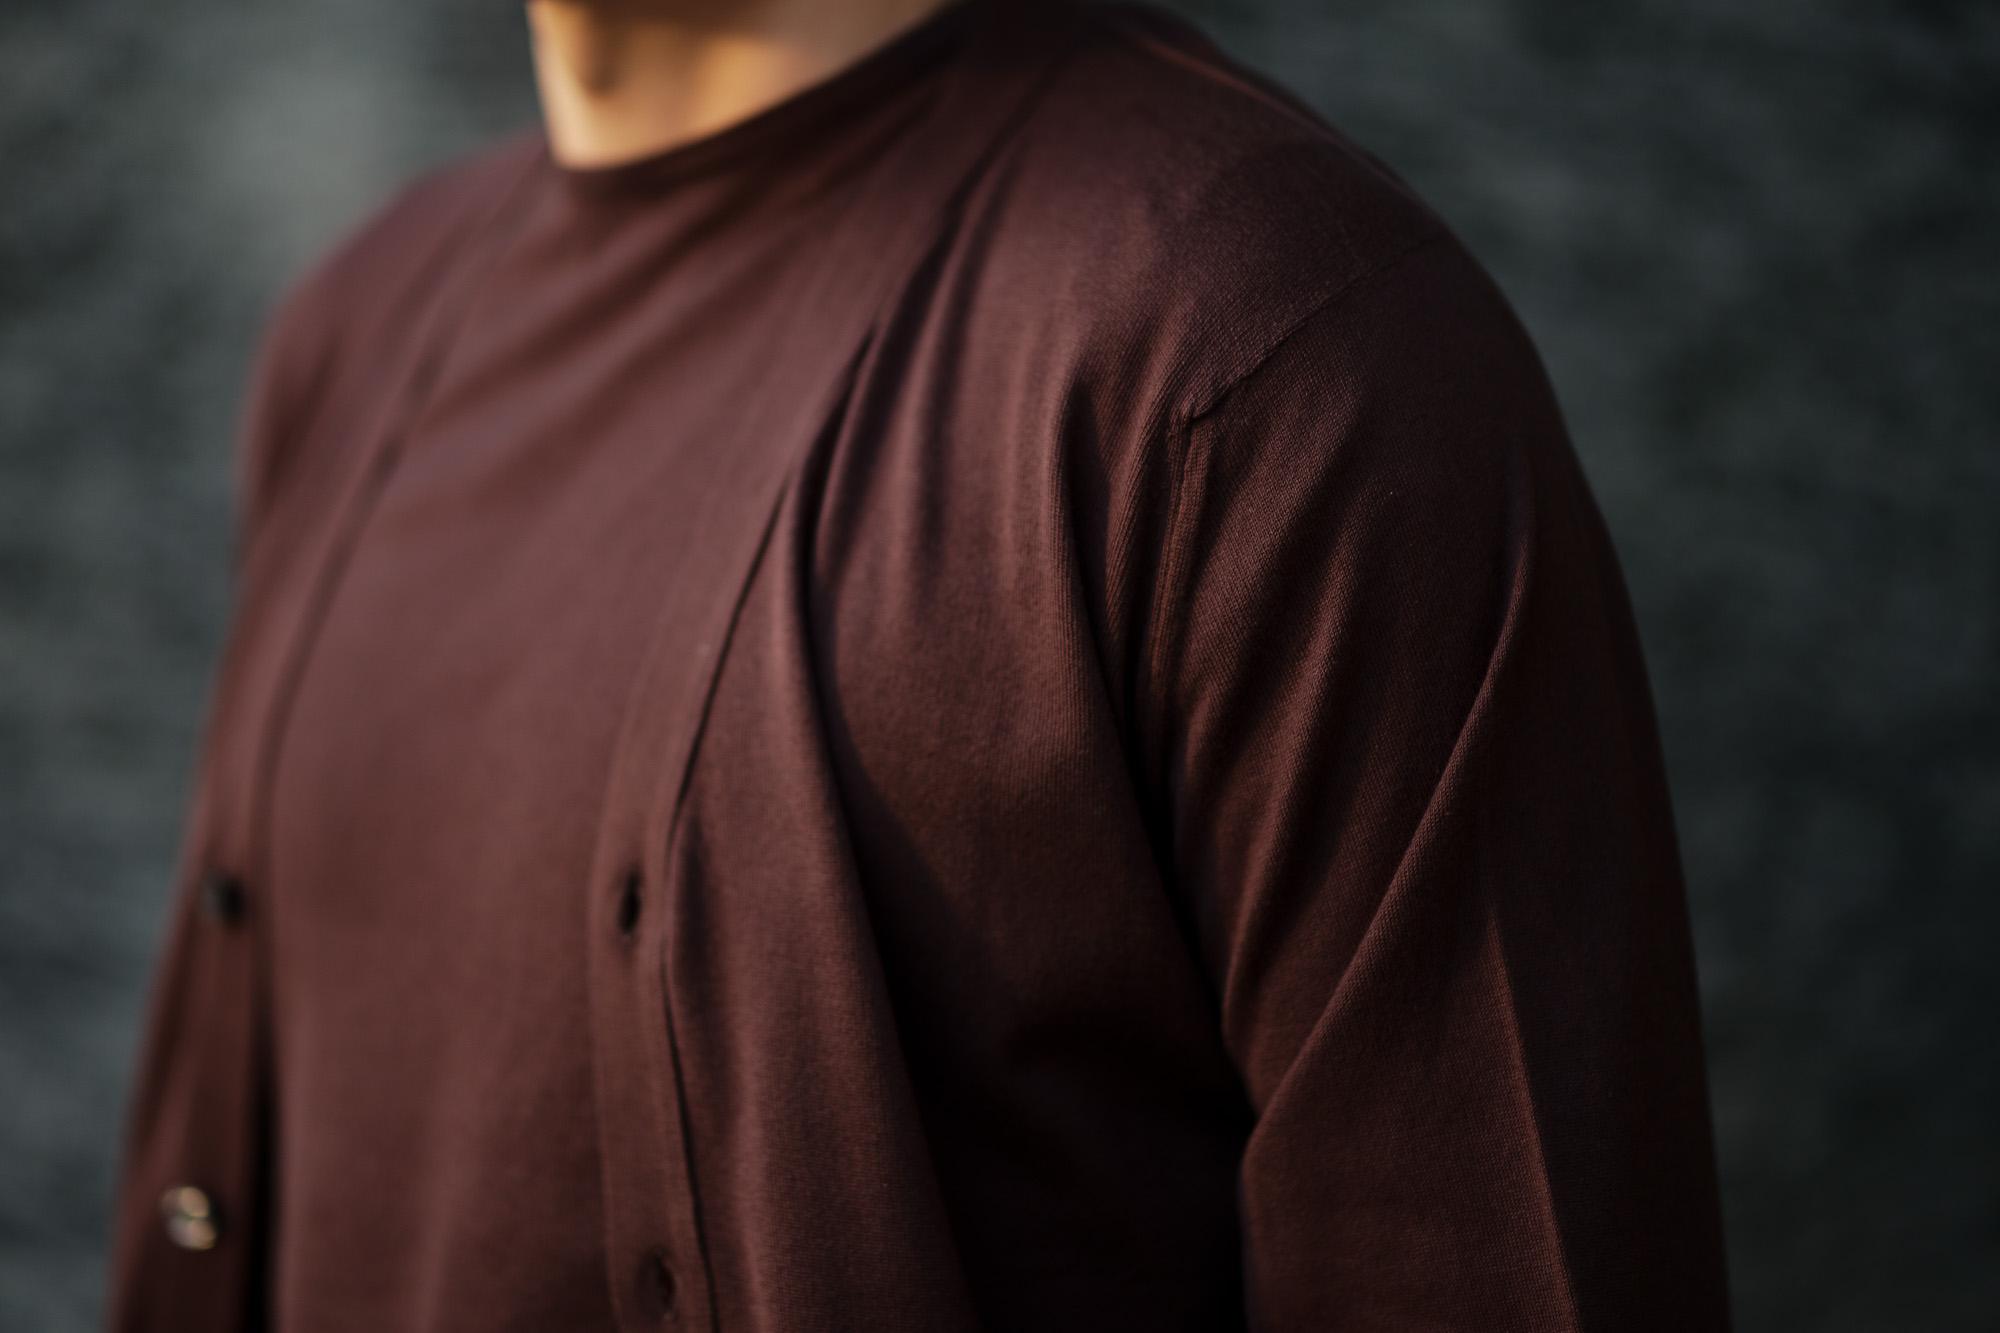 JOHN SMEDLEY(ジョンスメドレー) MODENA (モデナ) SEA ISLAND COTTON (シーアイランドコットン) コットンニット Vネック カーディガン COFFEE BEAN (コーヒービーン) Made in England (イギリス製) 2020 春夏新作 altoediritto アルトエデリット 愛知 名古屋